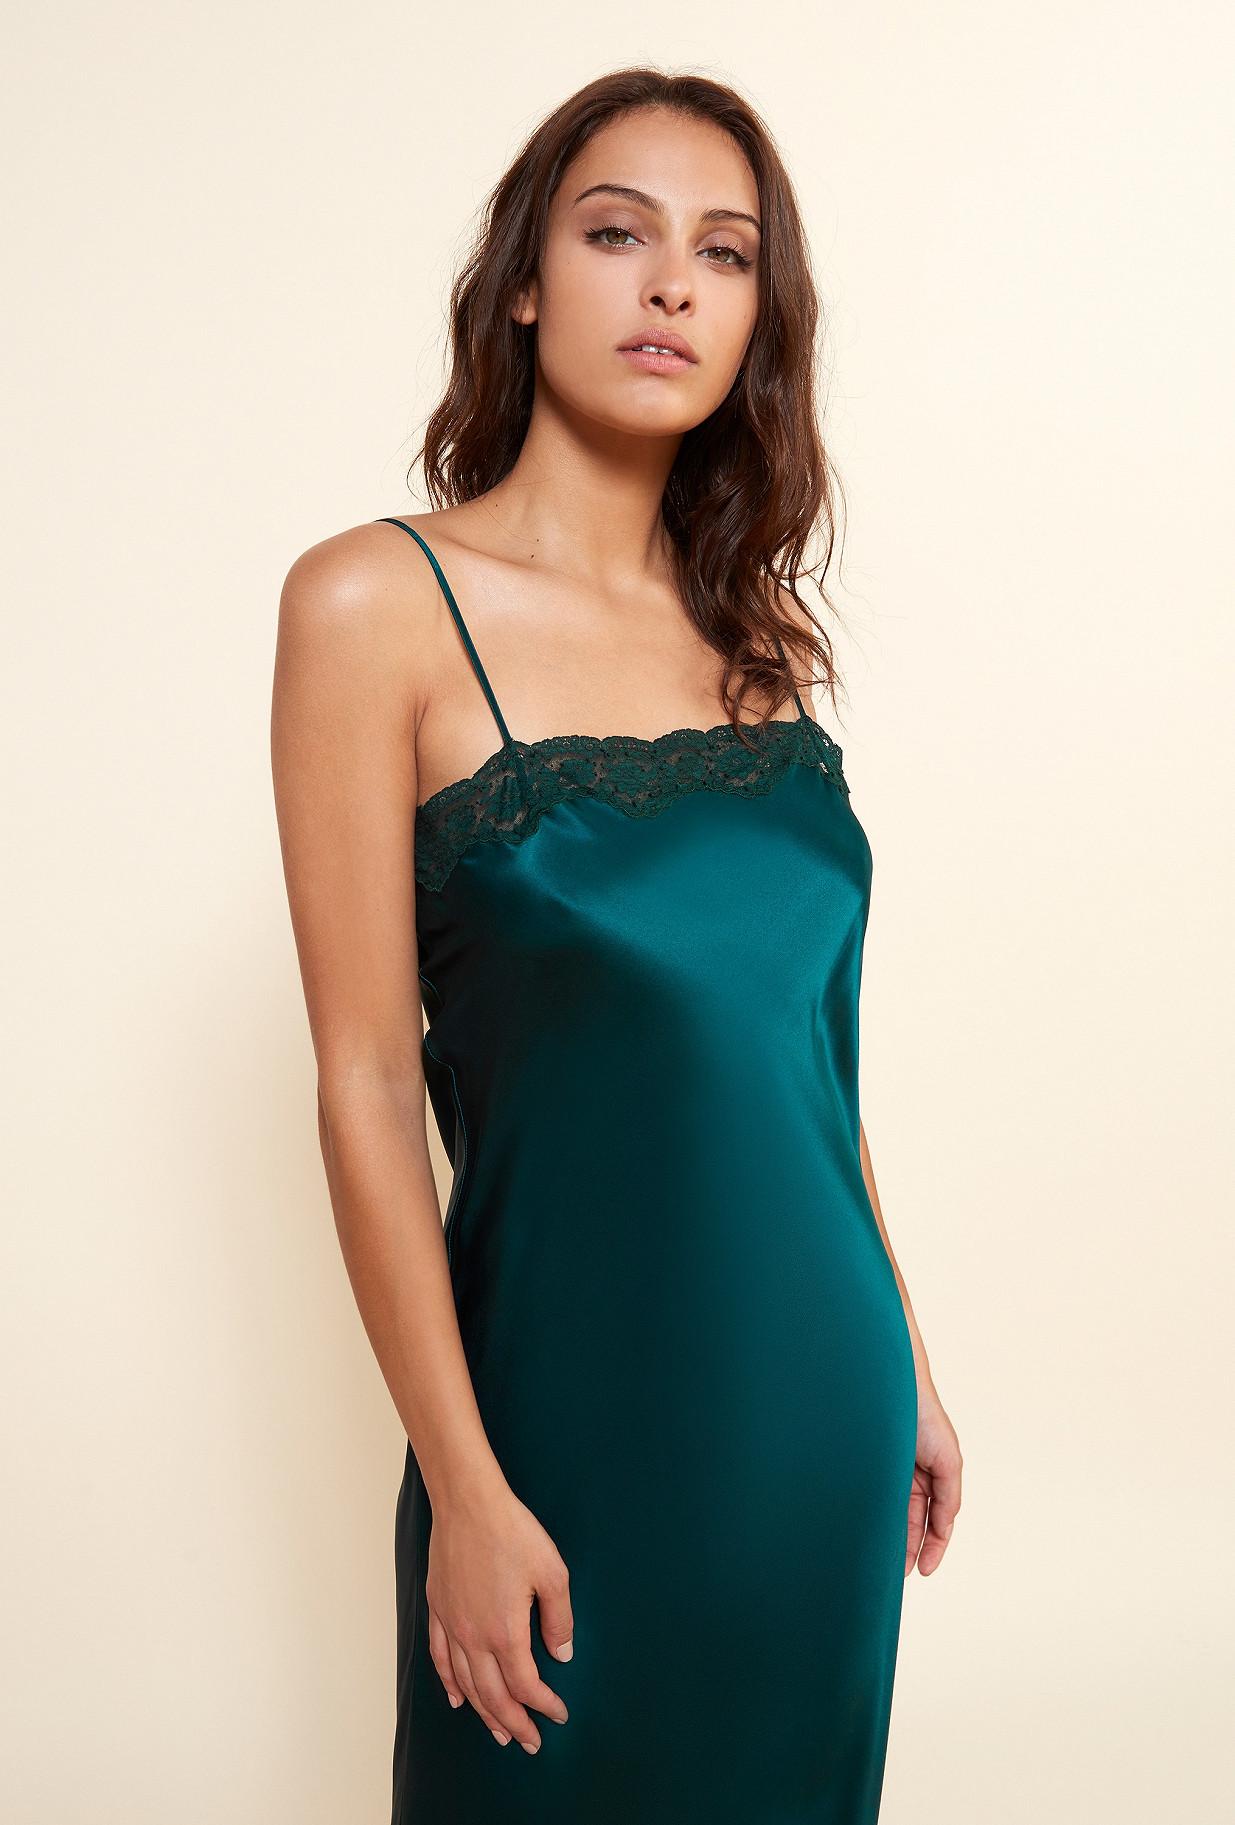 Sapphire  Dress  Alicante Mes demoiselles fashion clothes designer Paris